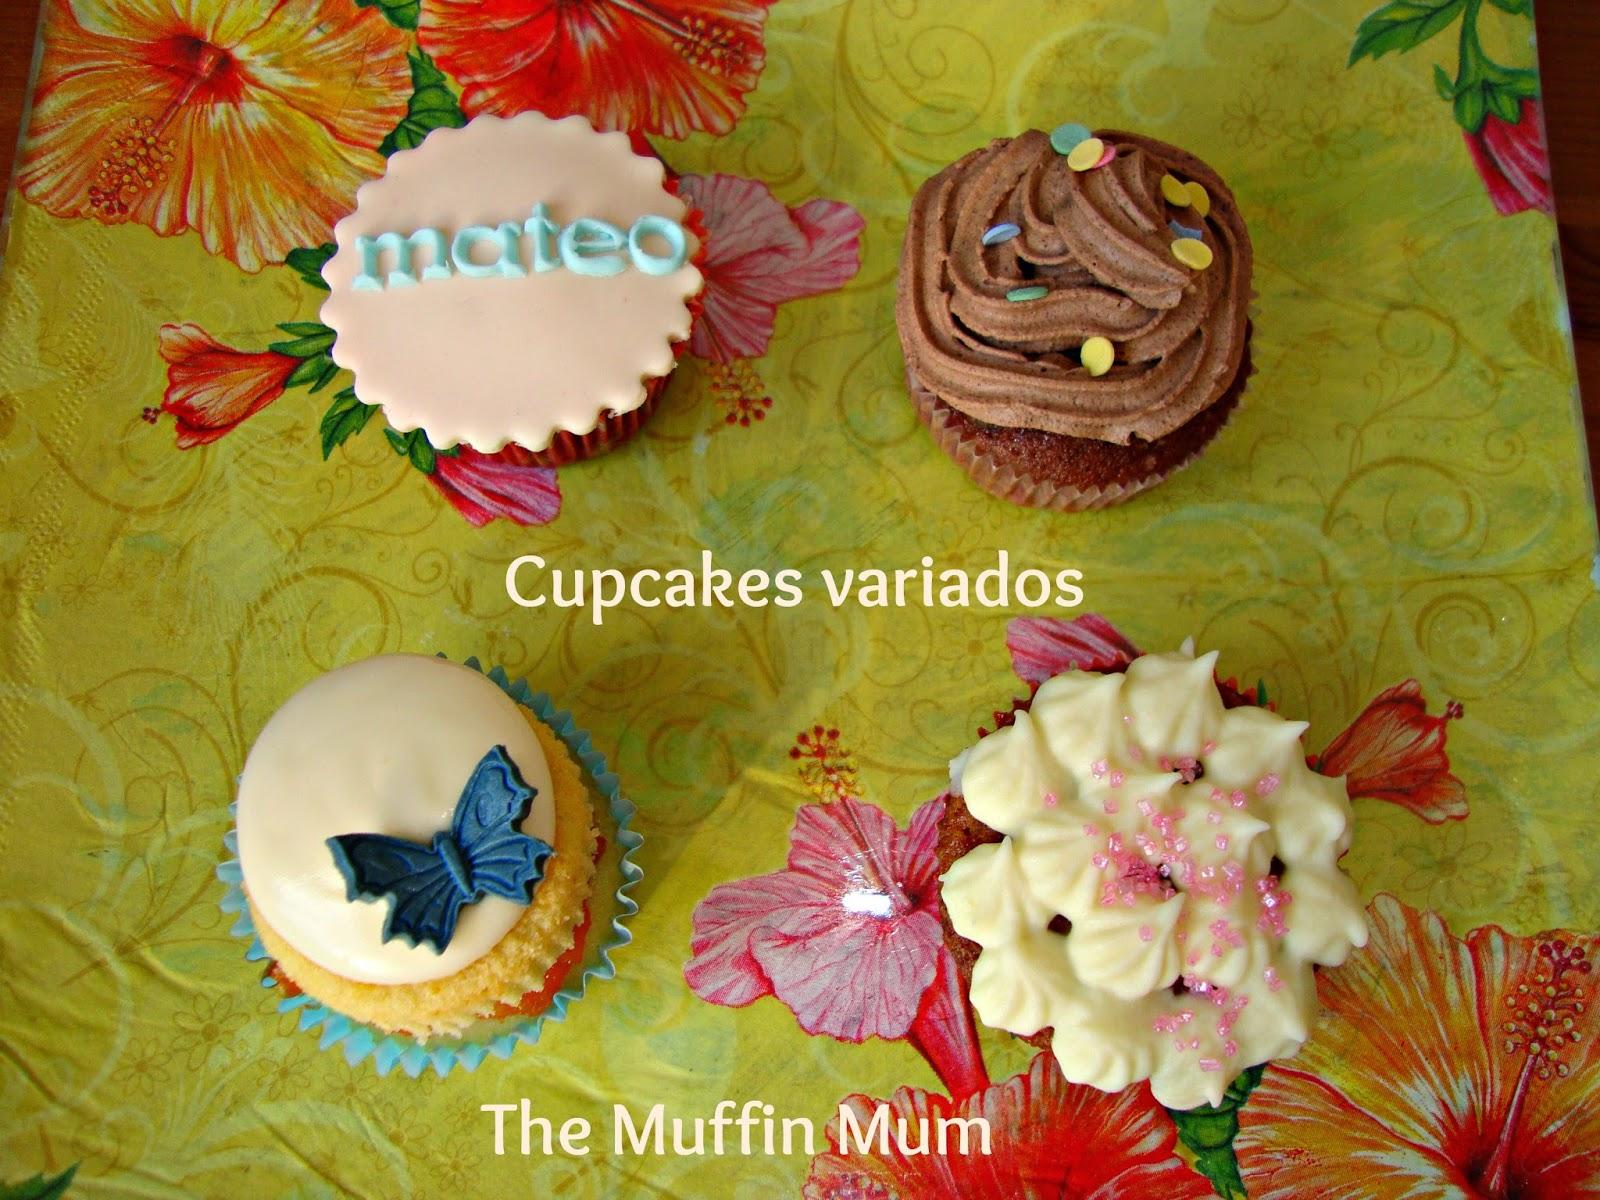 Cupcakes cumpleaños variados